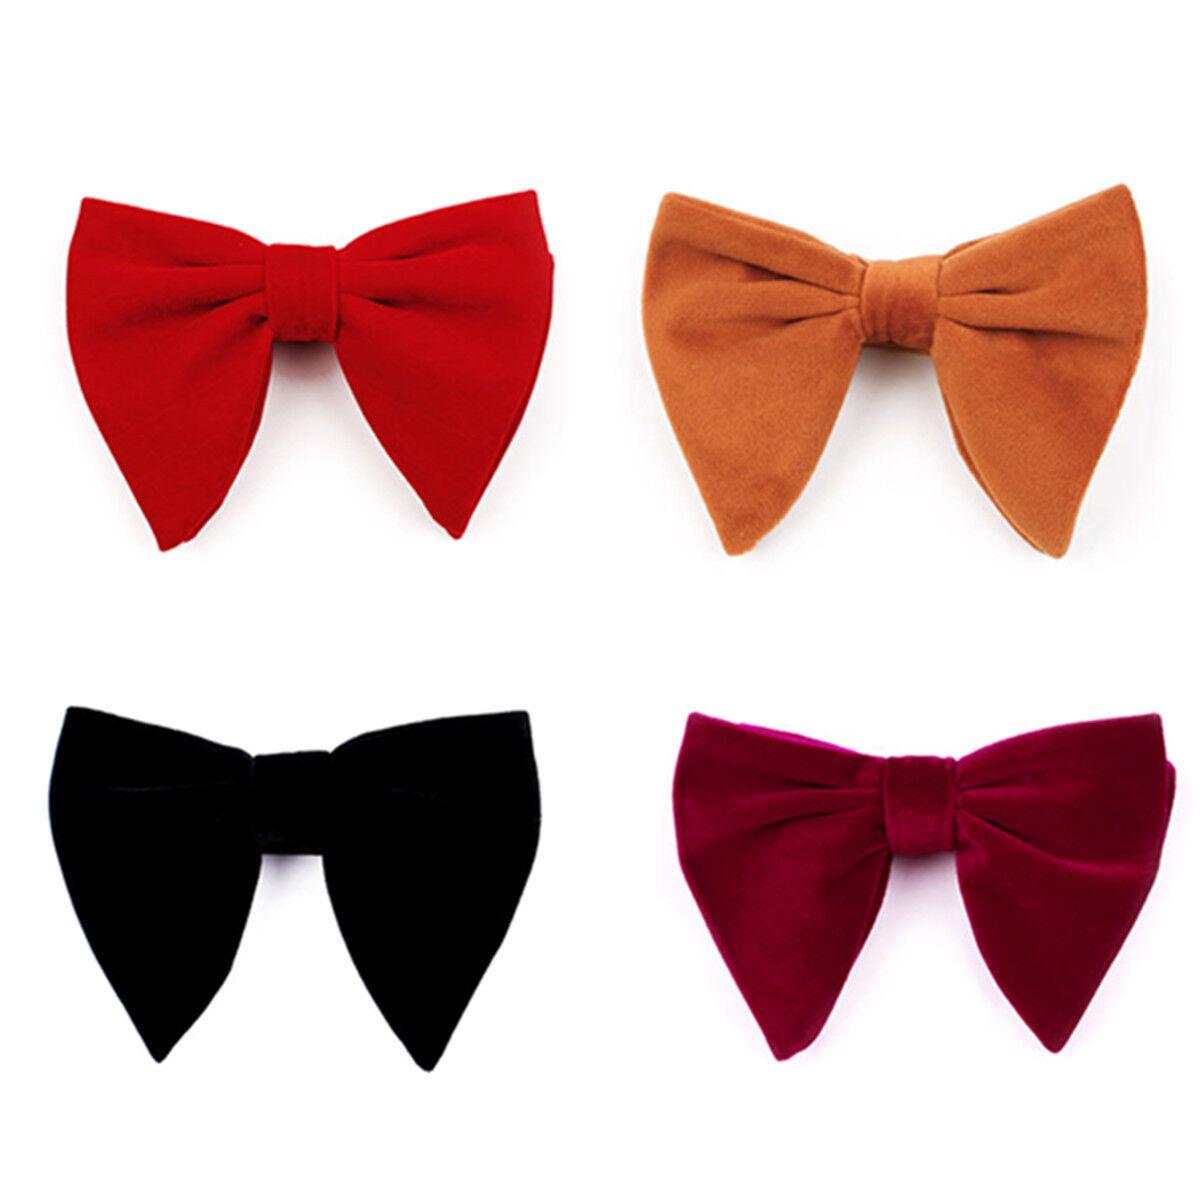 1X Herren samt Volltonfarbe Fliege einstellbare Hochzeit Partei Fliege Krawatte